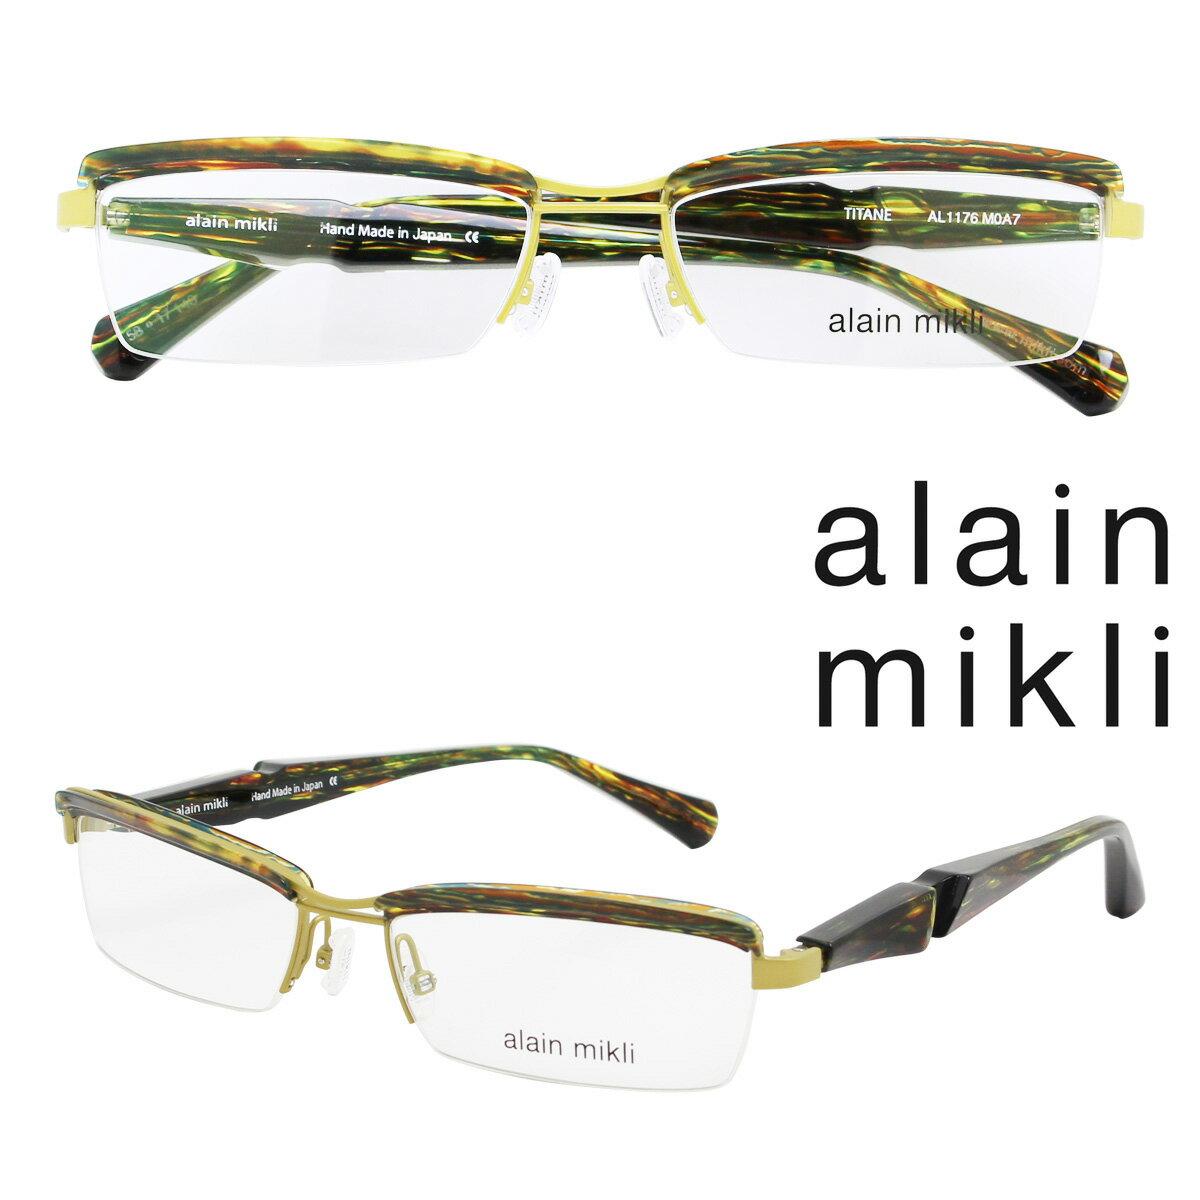 【最大2000円OFFクーポン ポイント最大32倍】 アランミクリ alain mikli メガネ 眼鏡 日本製 メンズ レディース 【返品不可】